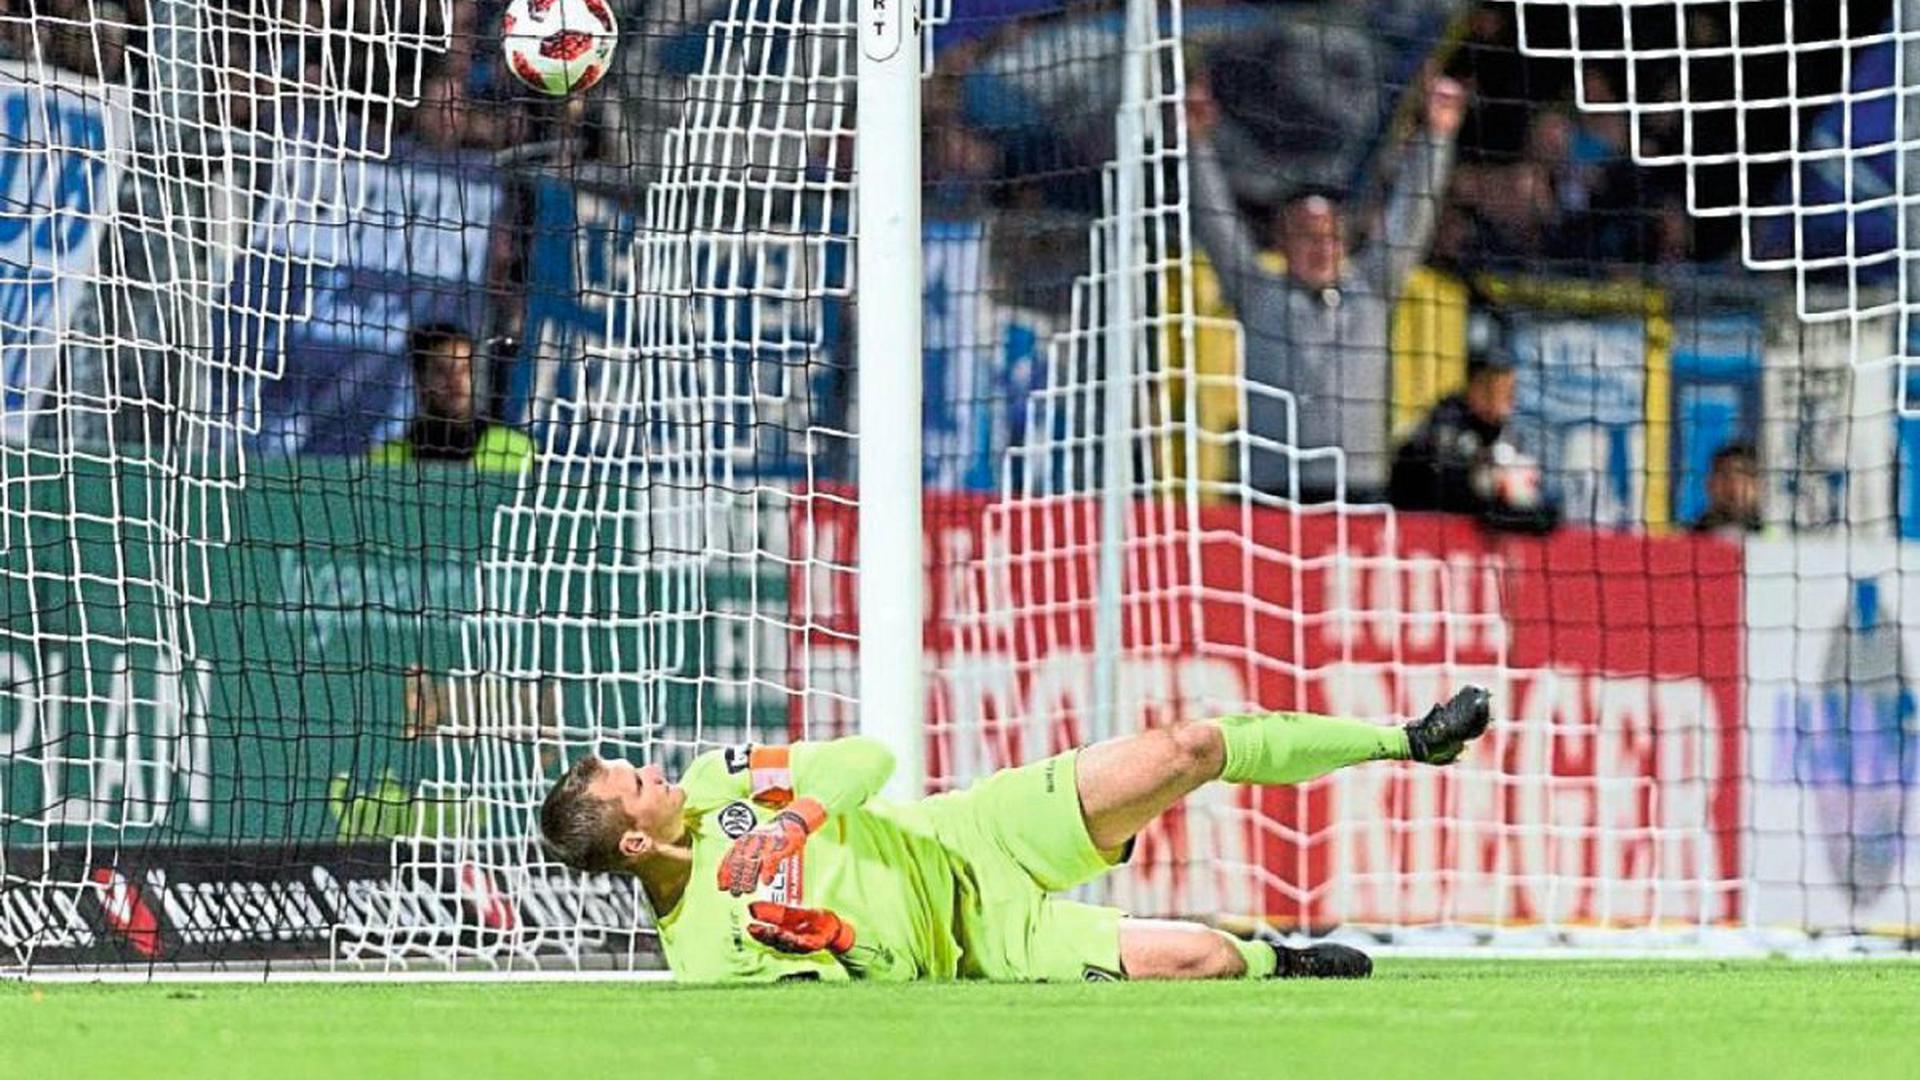 Das Nachsehen hatte der Karlsruher Daniel Bernhardt im Aalener Tor in dieser Saison des Öfteren.